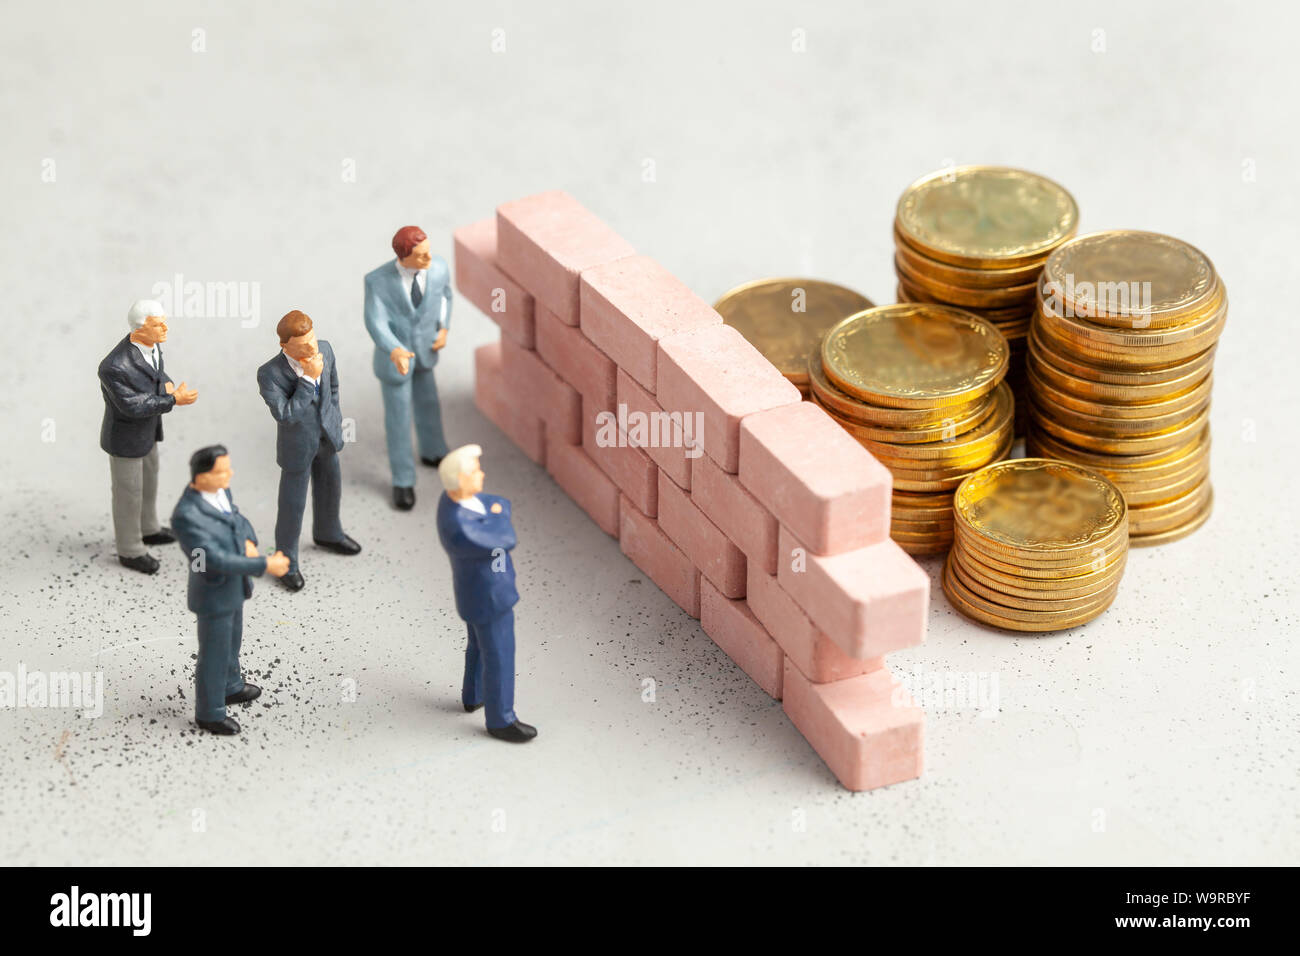 En el camino hacia el objetivo de big money empresario un gran muro como símbolo de problemas o tareas para resolver Foto de stock